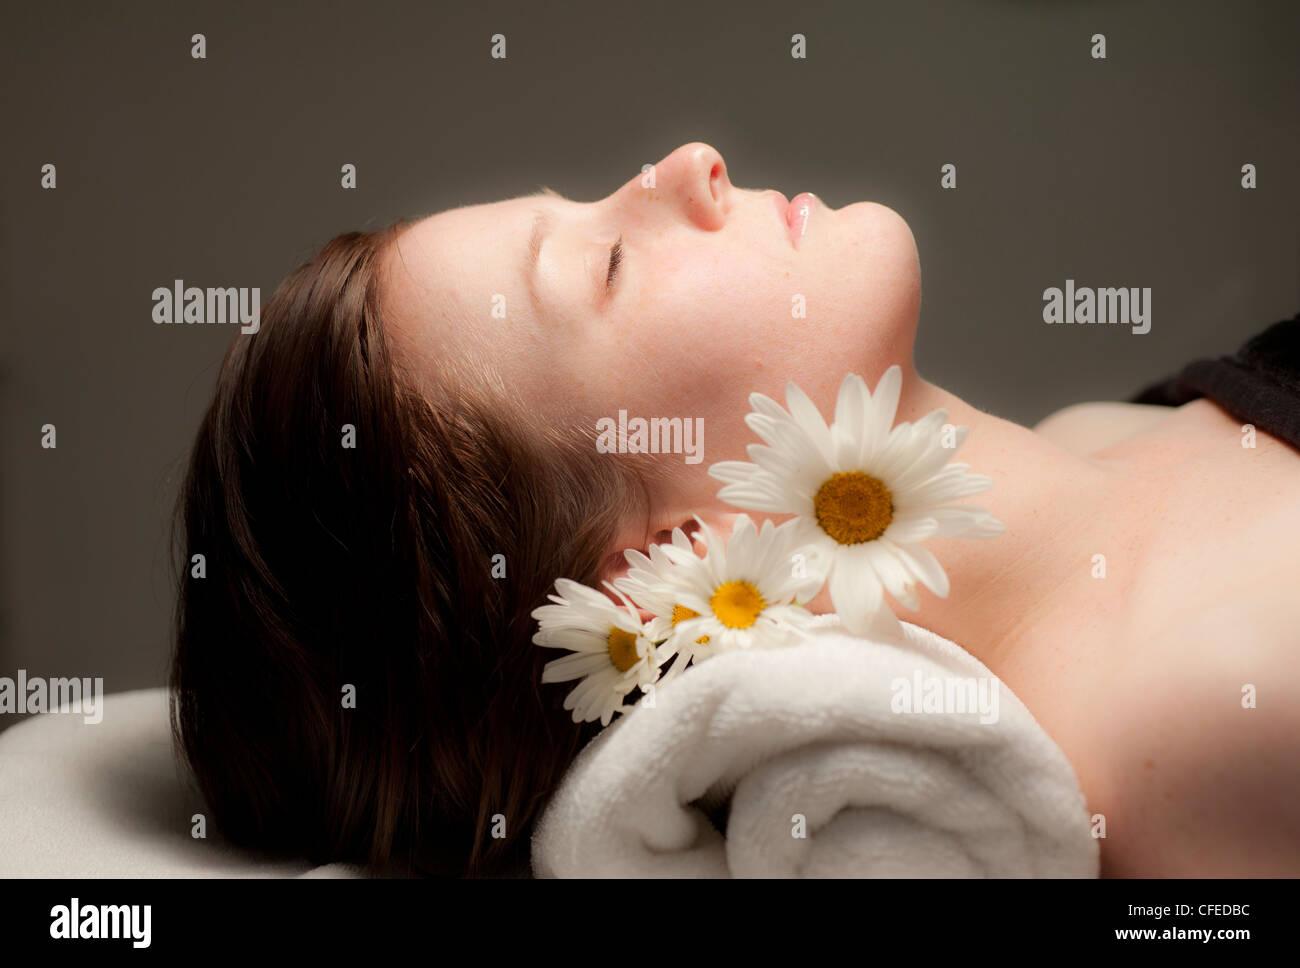 Frau empfangende Gesichtsbehandlung im spa Stockbild